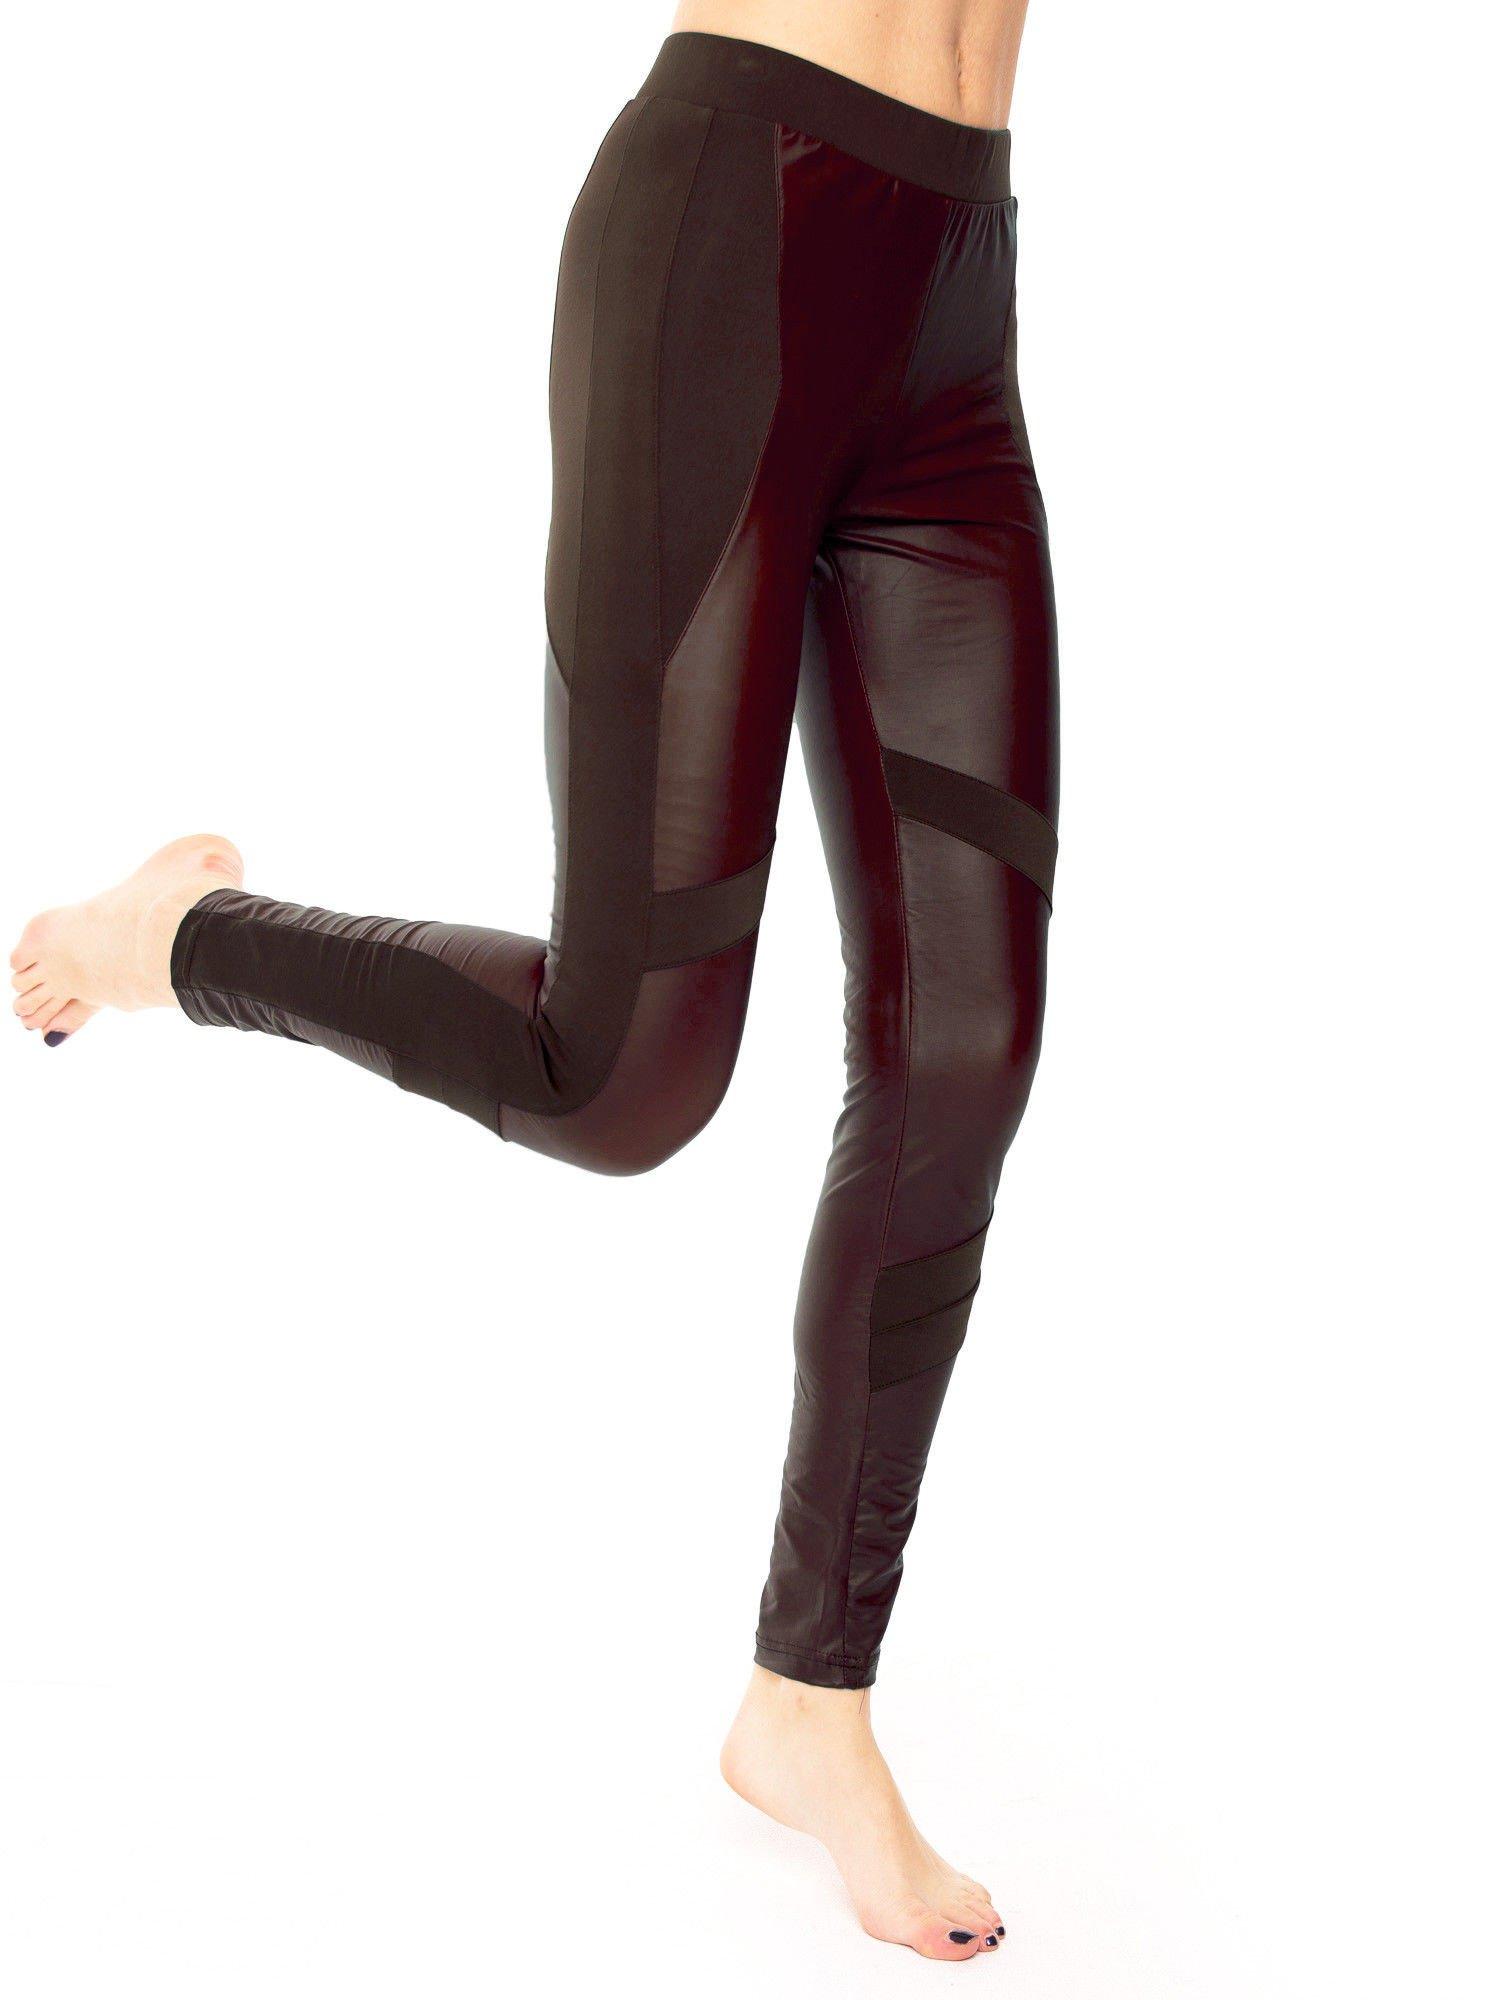 Ciemnobrązowe legginsy modelujące ze skórzanymi panelami                                  zdj.                                  2